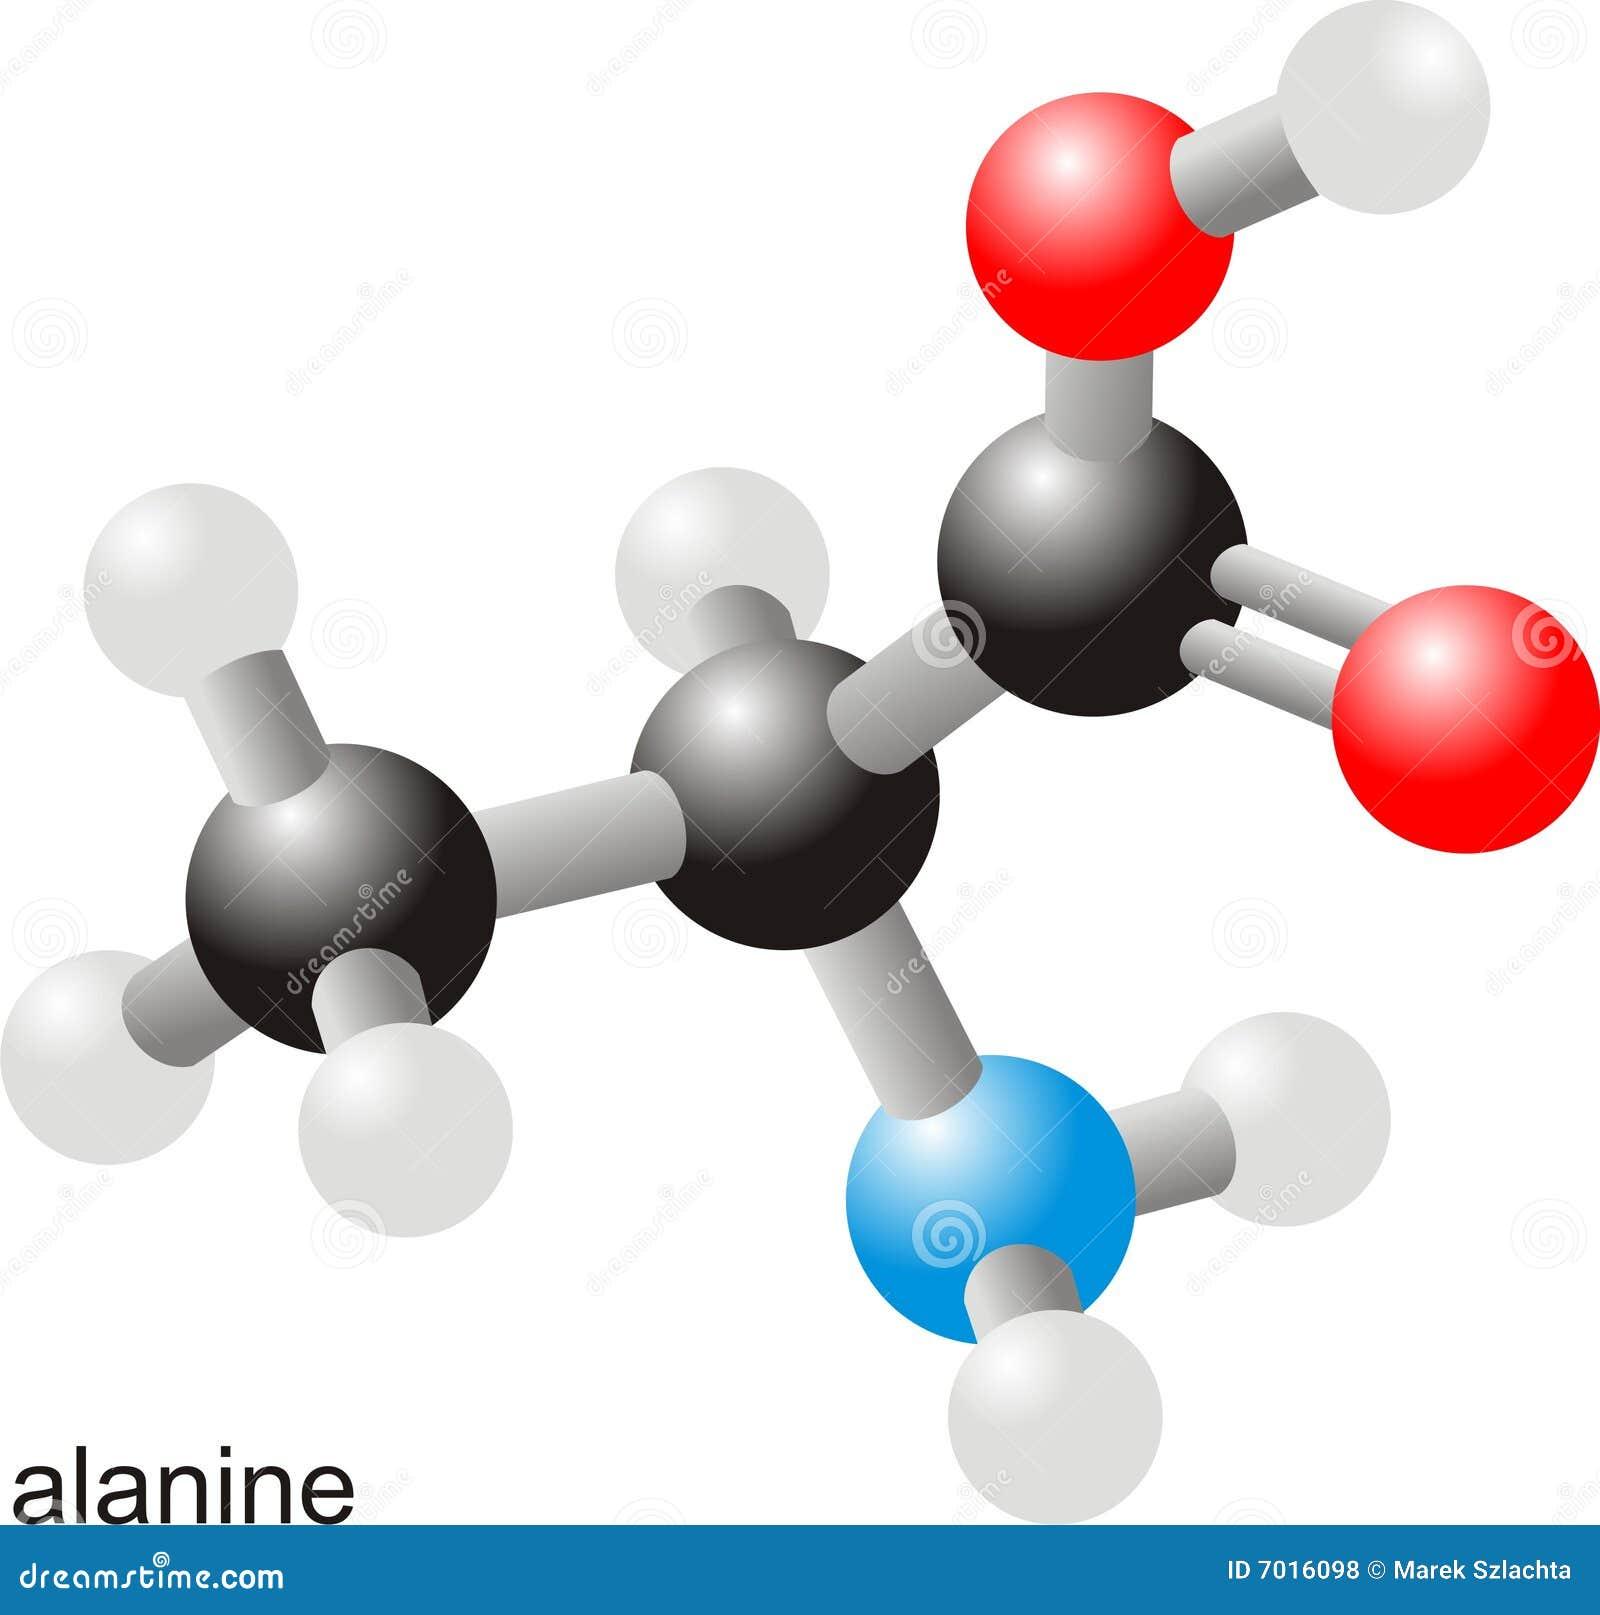 μόριο αλανινών